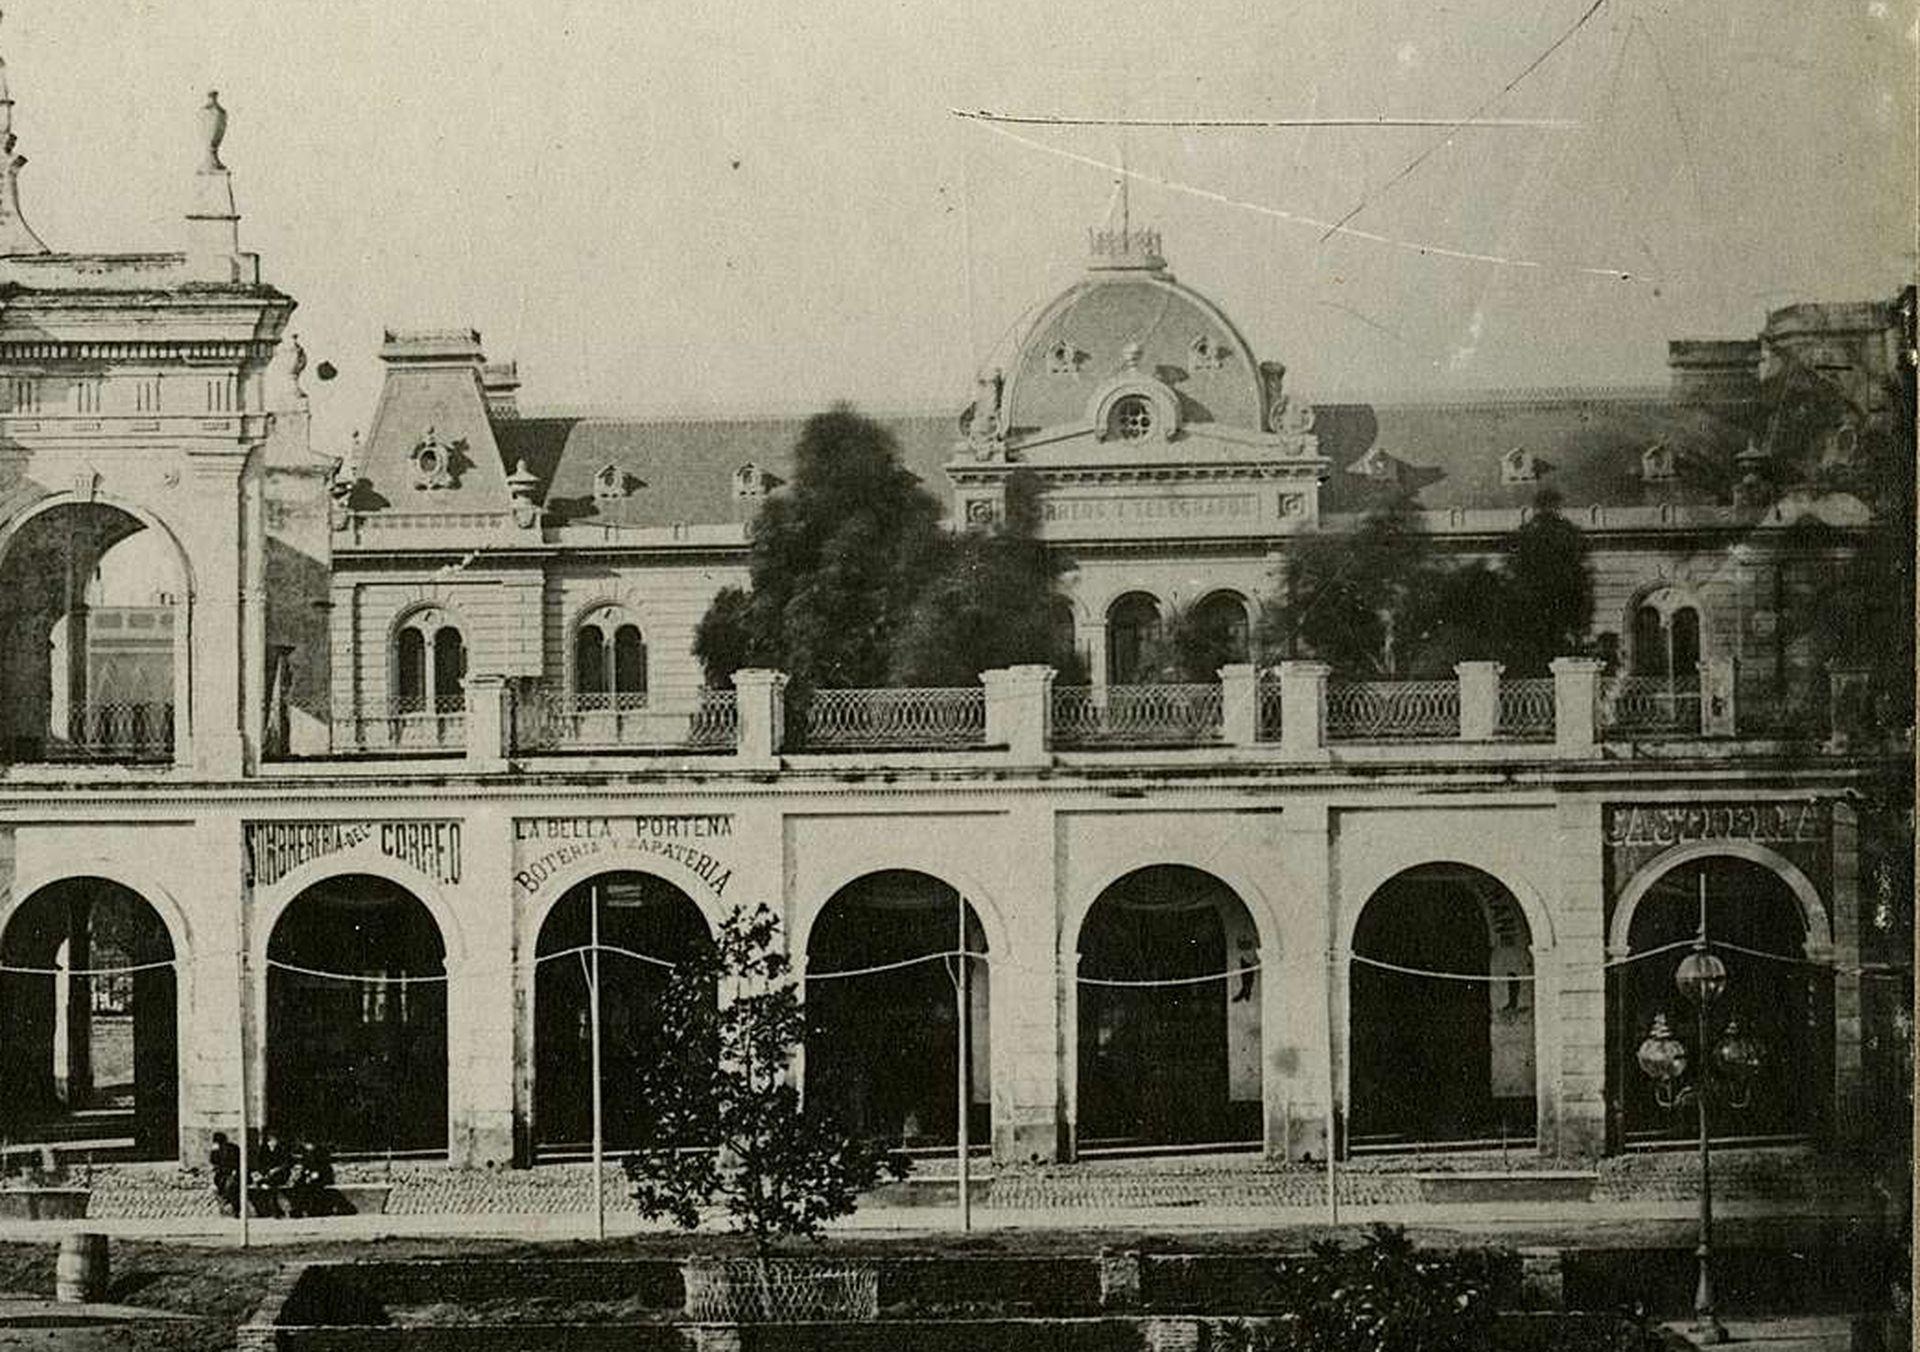 """""""Sombrerería del Correo"""" y """"La Bella Porteña"""" eran algunos de los locales eran algunos de los negocios que le alquilaban sus locales a los Anchorena."""